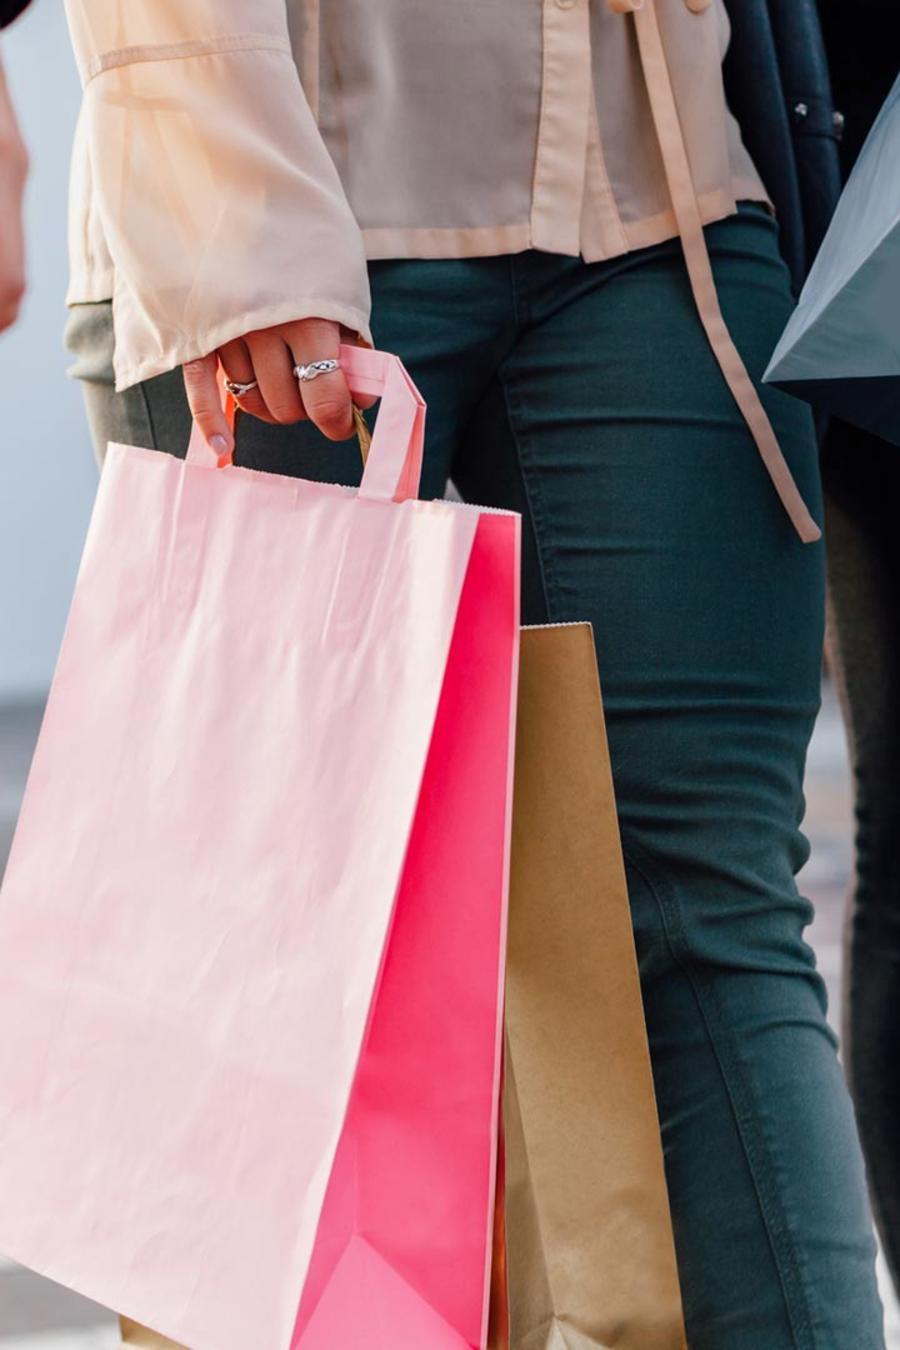 Personas con bolsas de compras.